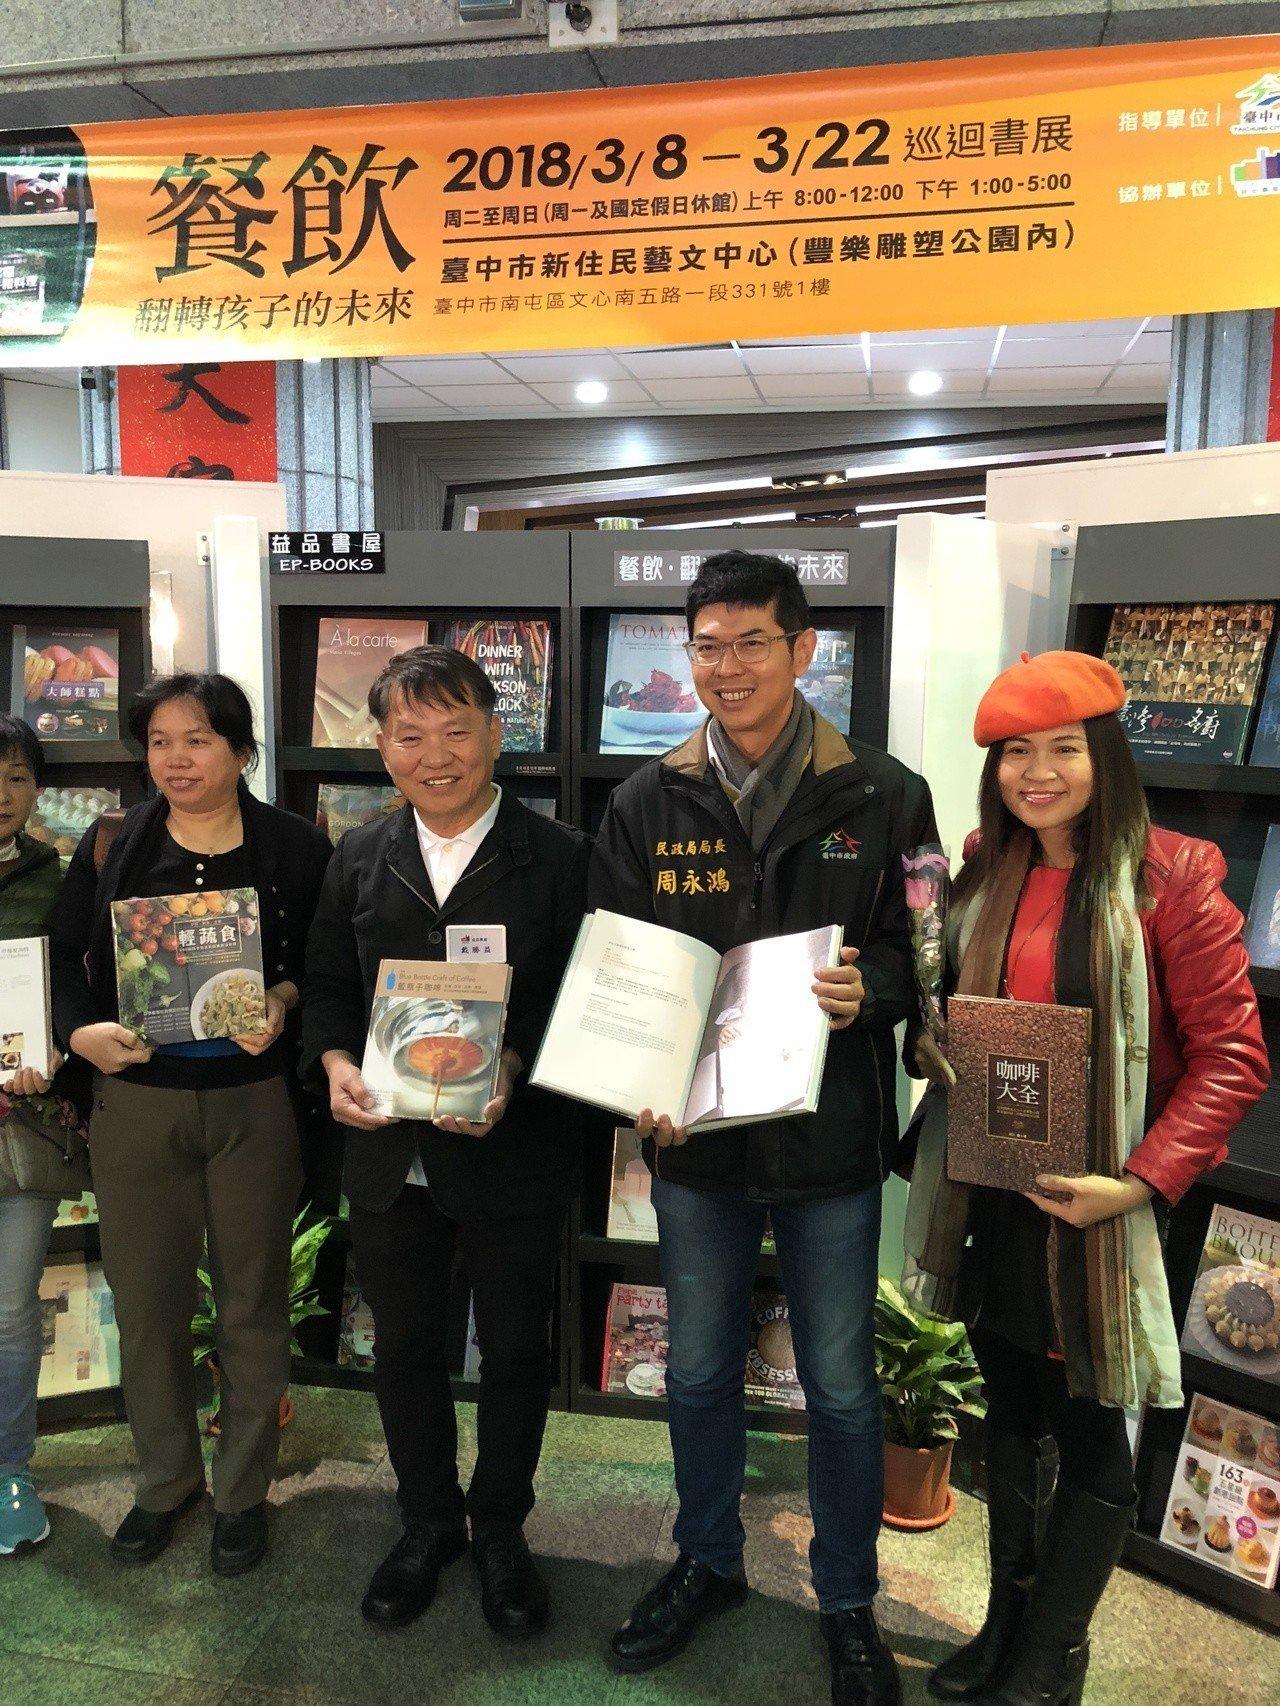 台中市民政局與益品書屋合辦的「餐飲.翻轉孩子的未來」巡迴書展,即日起在台中市新住...